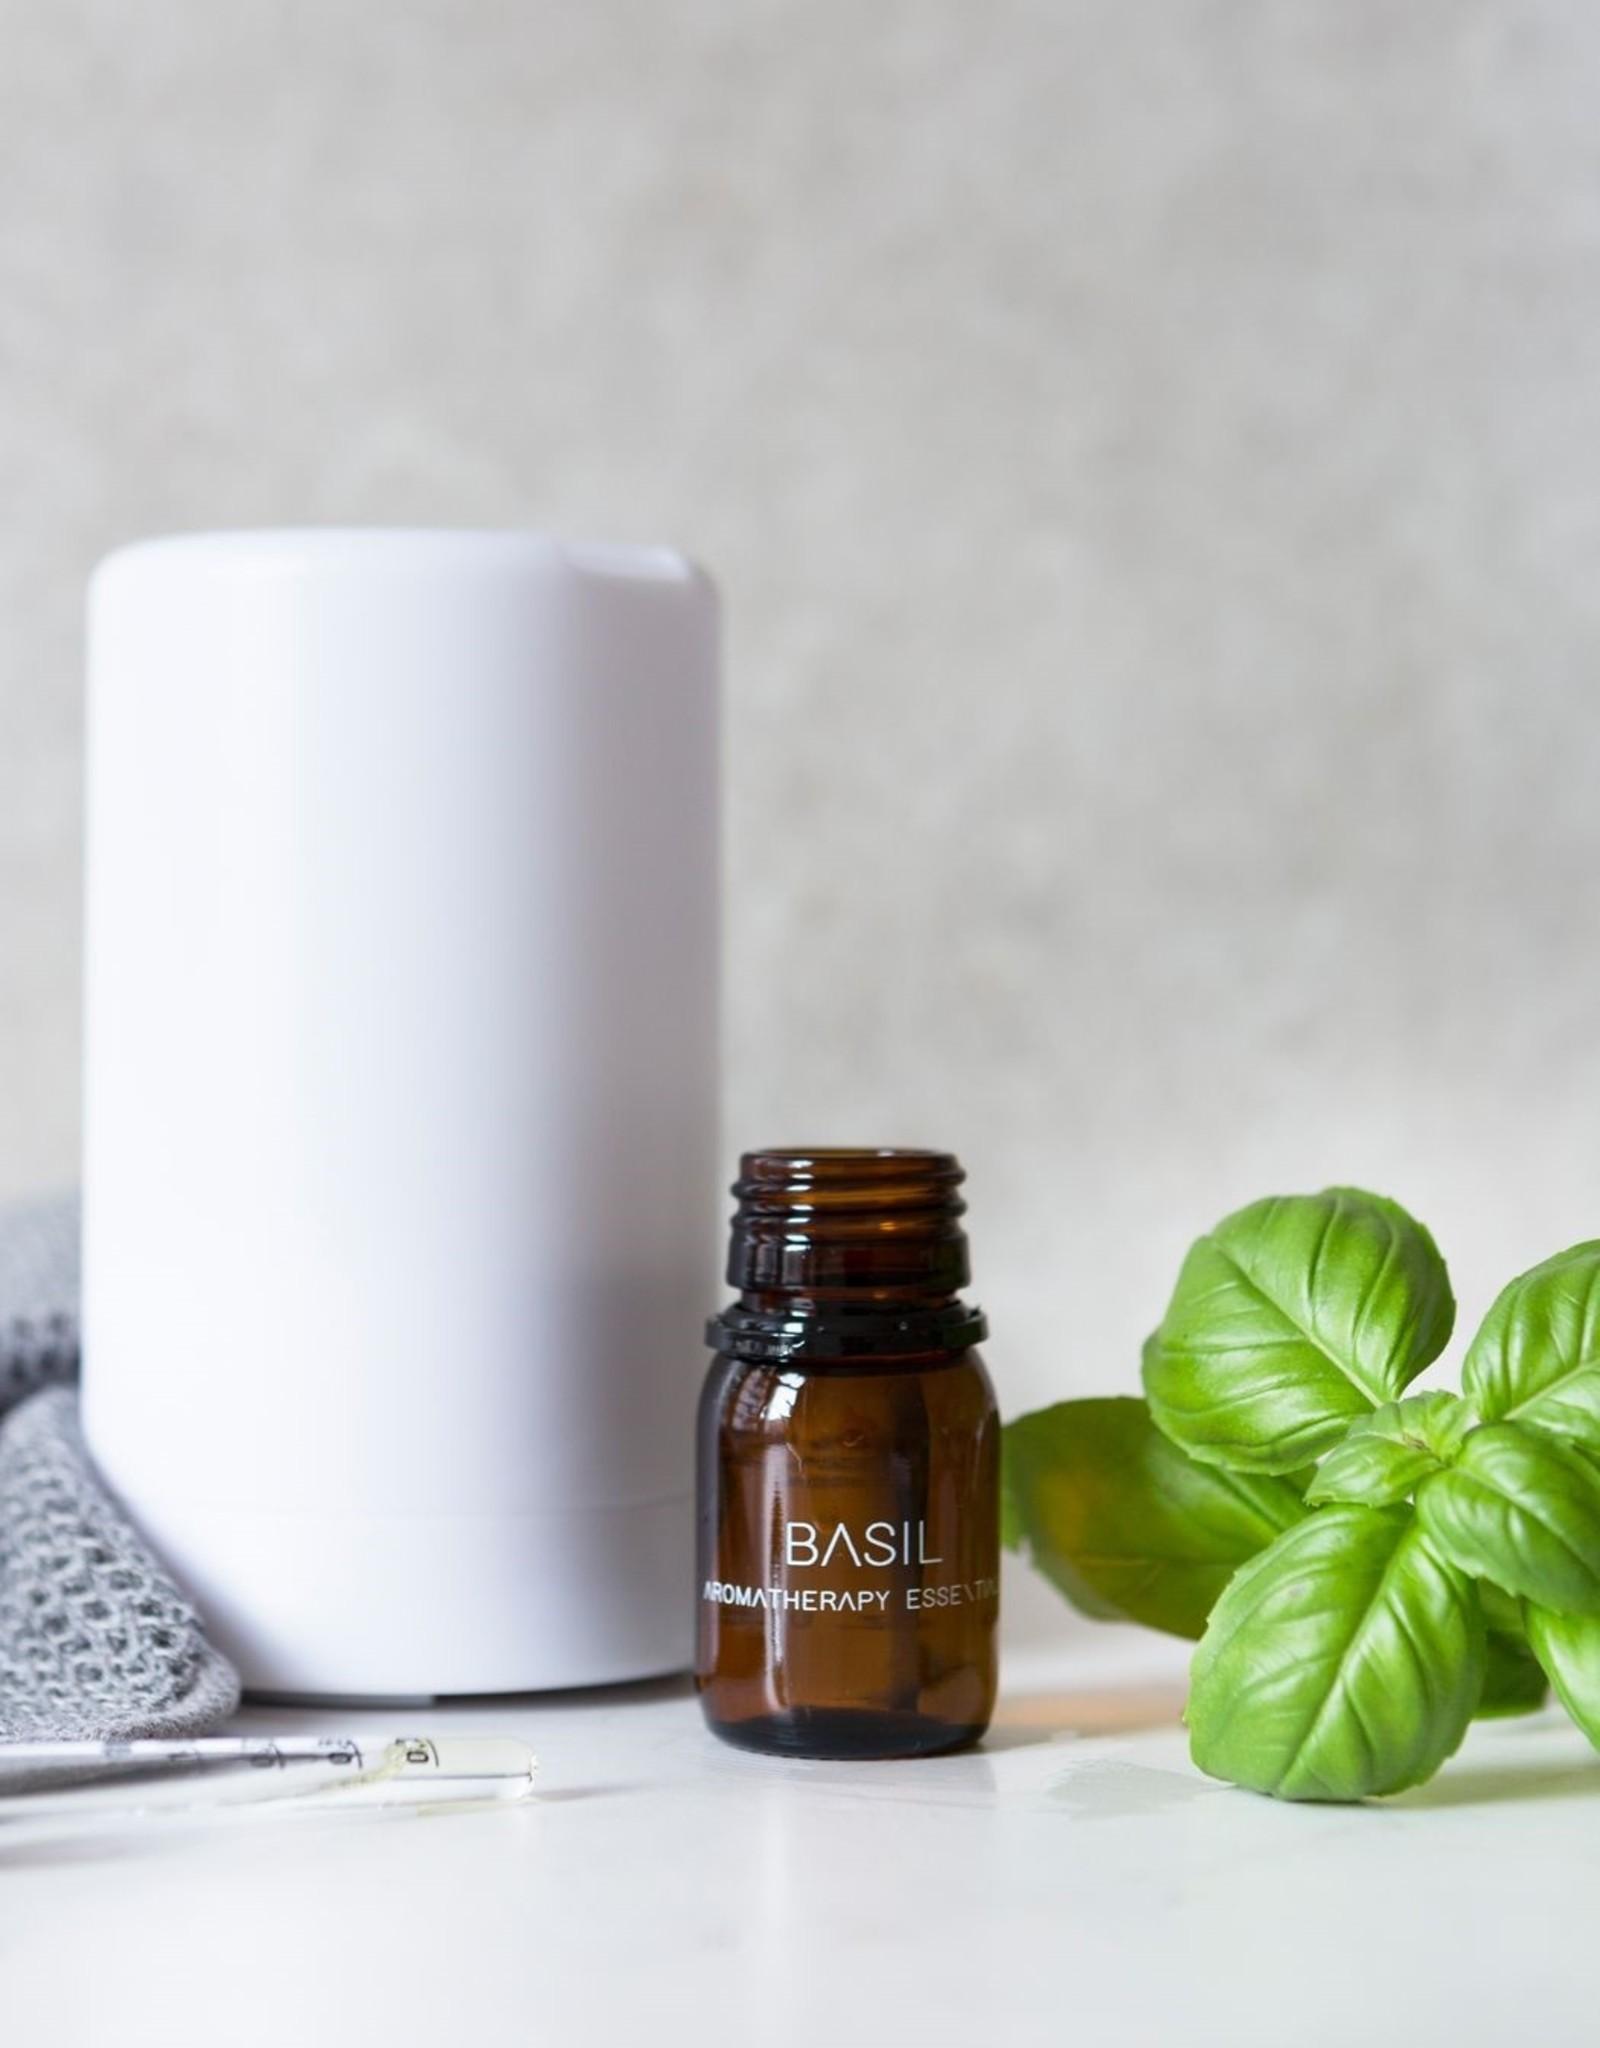 RainPharma Rainpharma - Essential Oil Basil 30ml